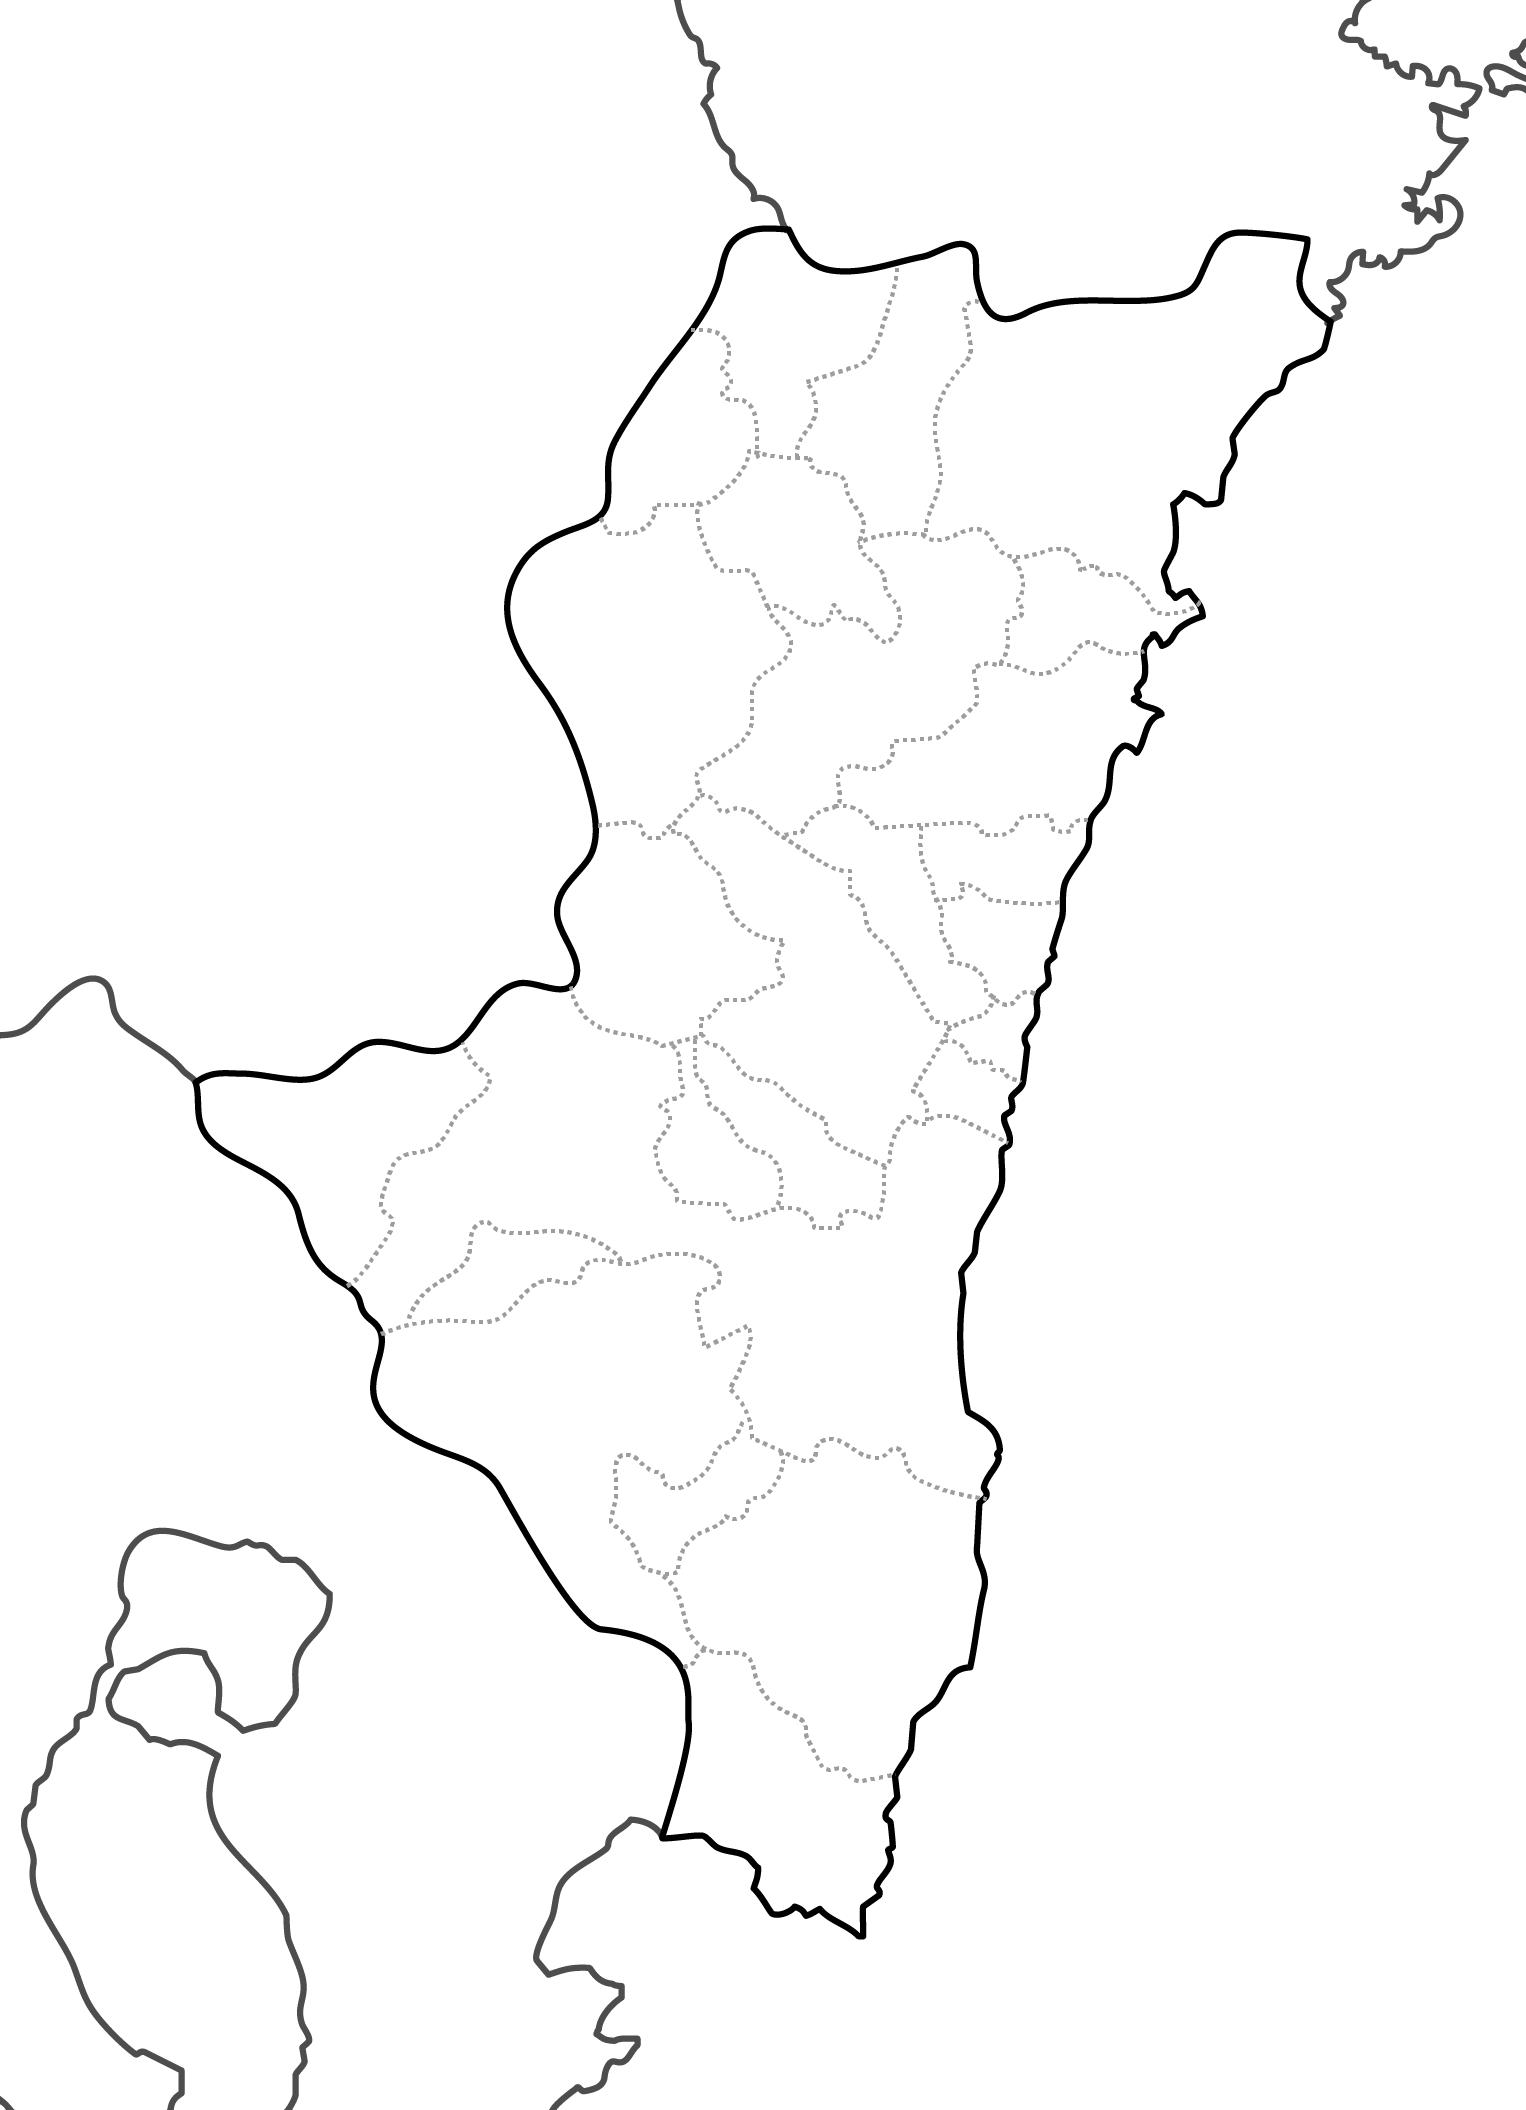 [白地図]宮崎県・ラインあり・市区町村名なし・隣県なし